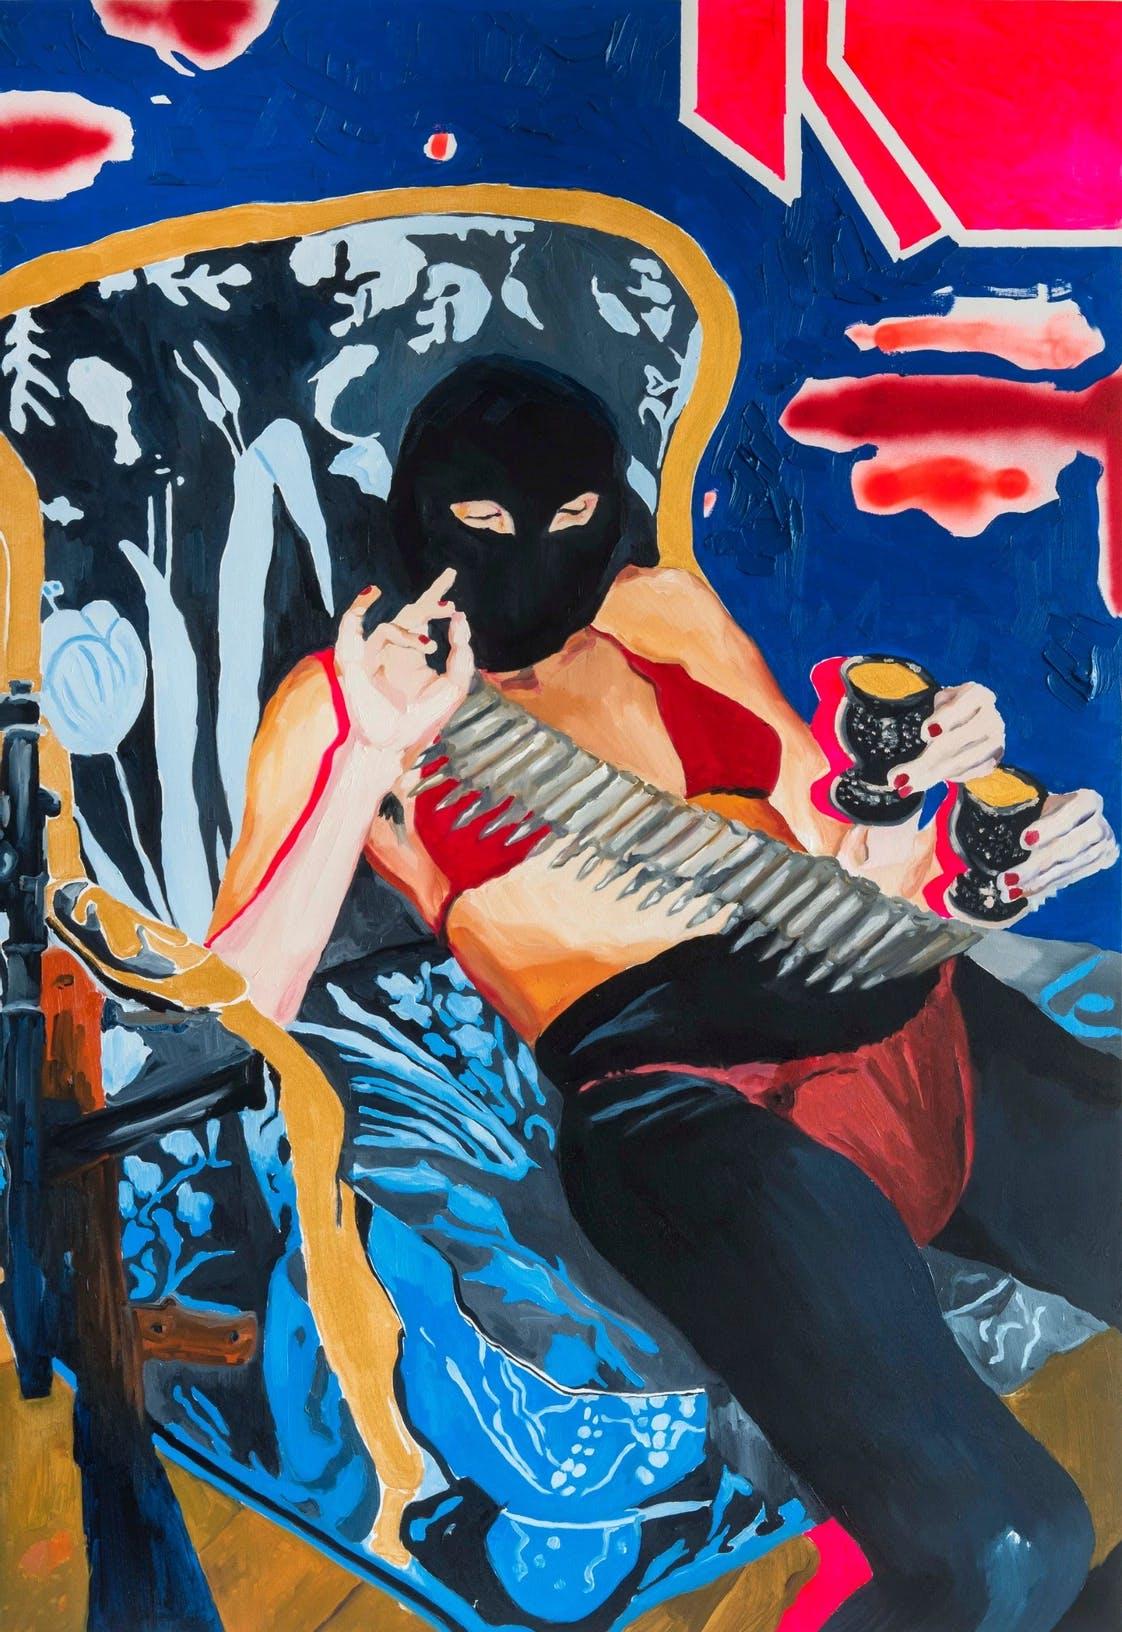 Imagem com pintura de uma mulher sentada, usando máscara e um cinto de cartucho de metralhadora.